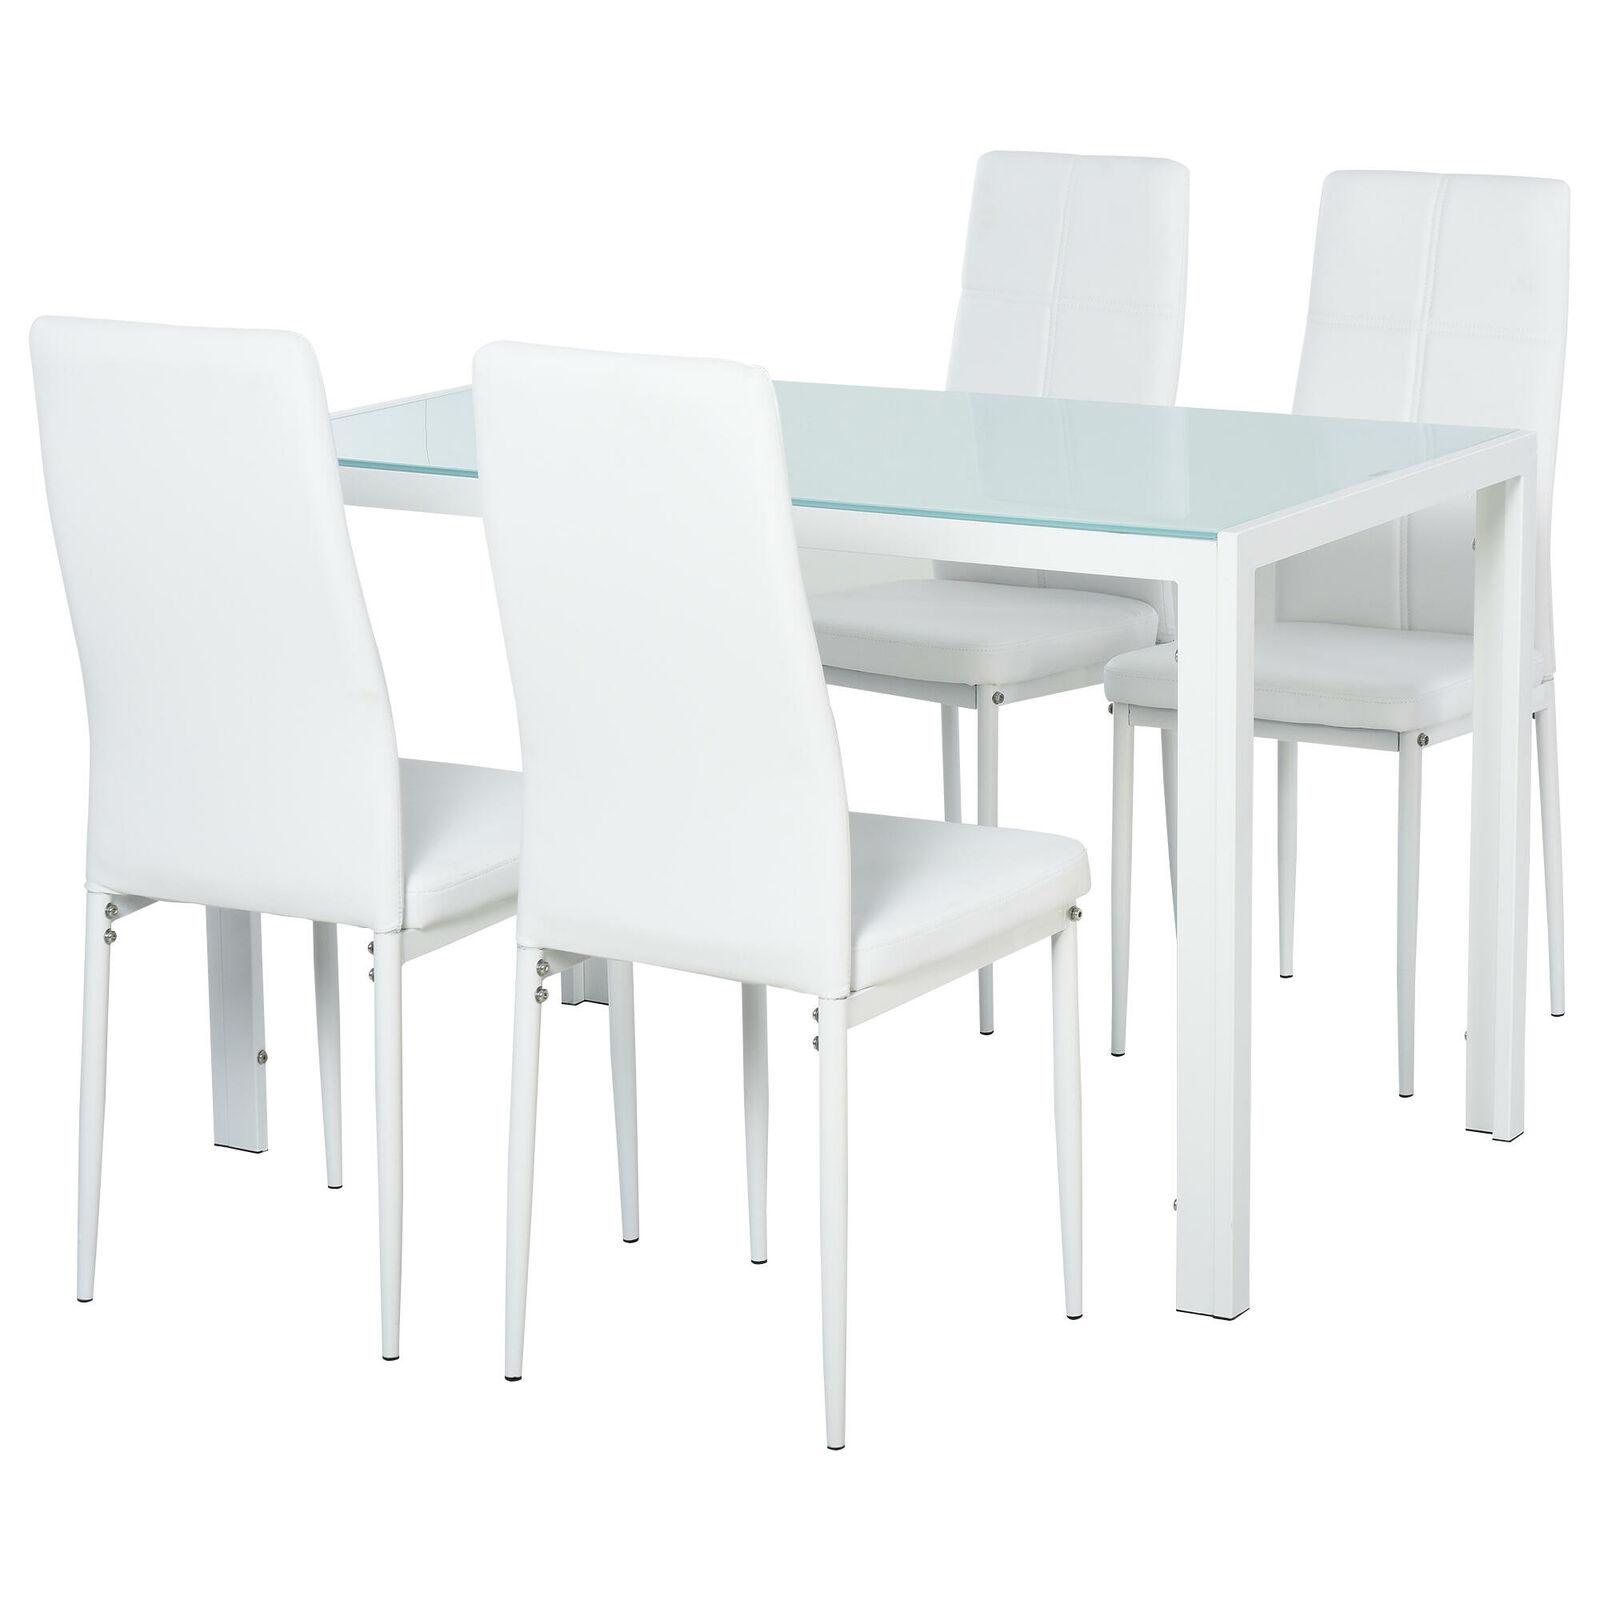 Tavolo Con Sedie Arredamento Mobili E Accessori Per La Casa In Abruzzo Kijiji Annunci Di Ebay